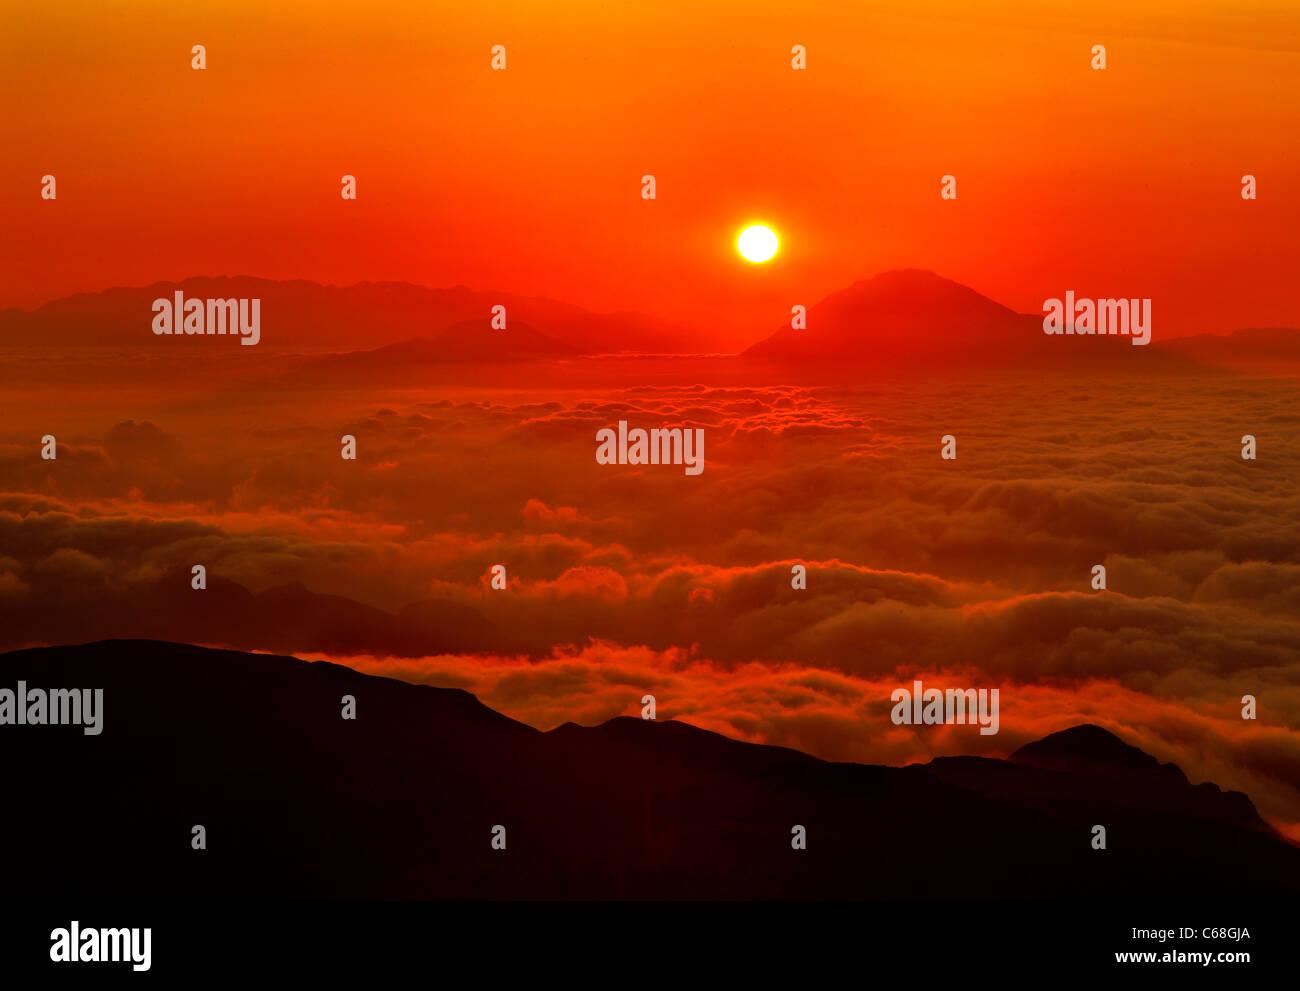 Sonnenuntergang über einem Meer der Wolken. Foto vom Mount Kofina das höchste Berg des Asterousia Gebirge, Stockbild